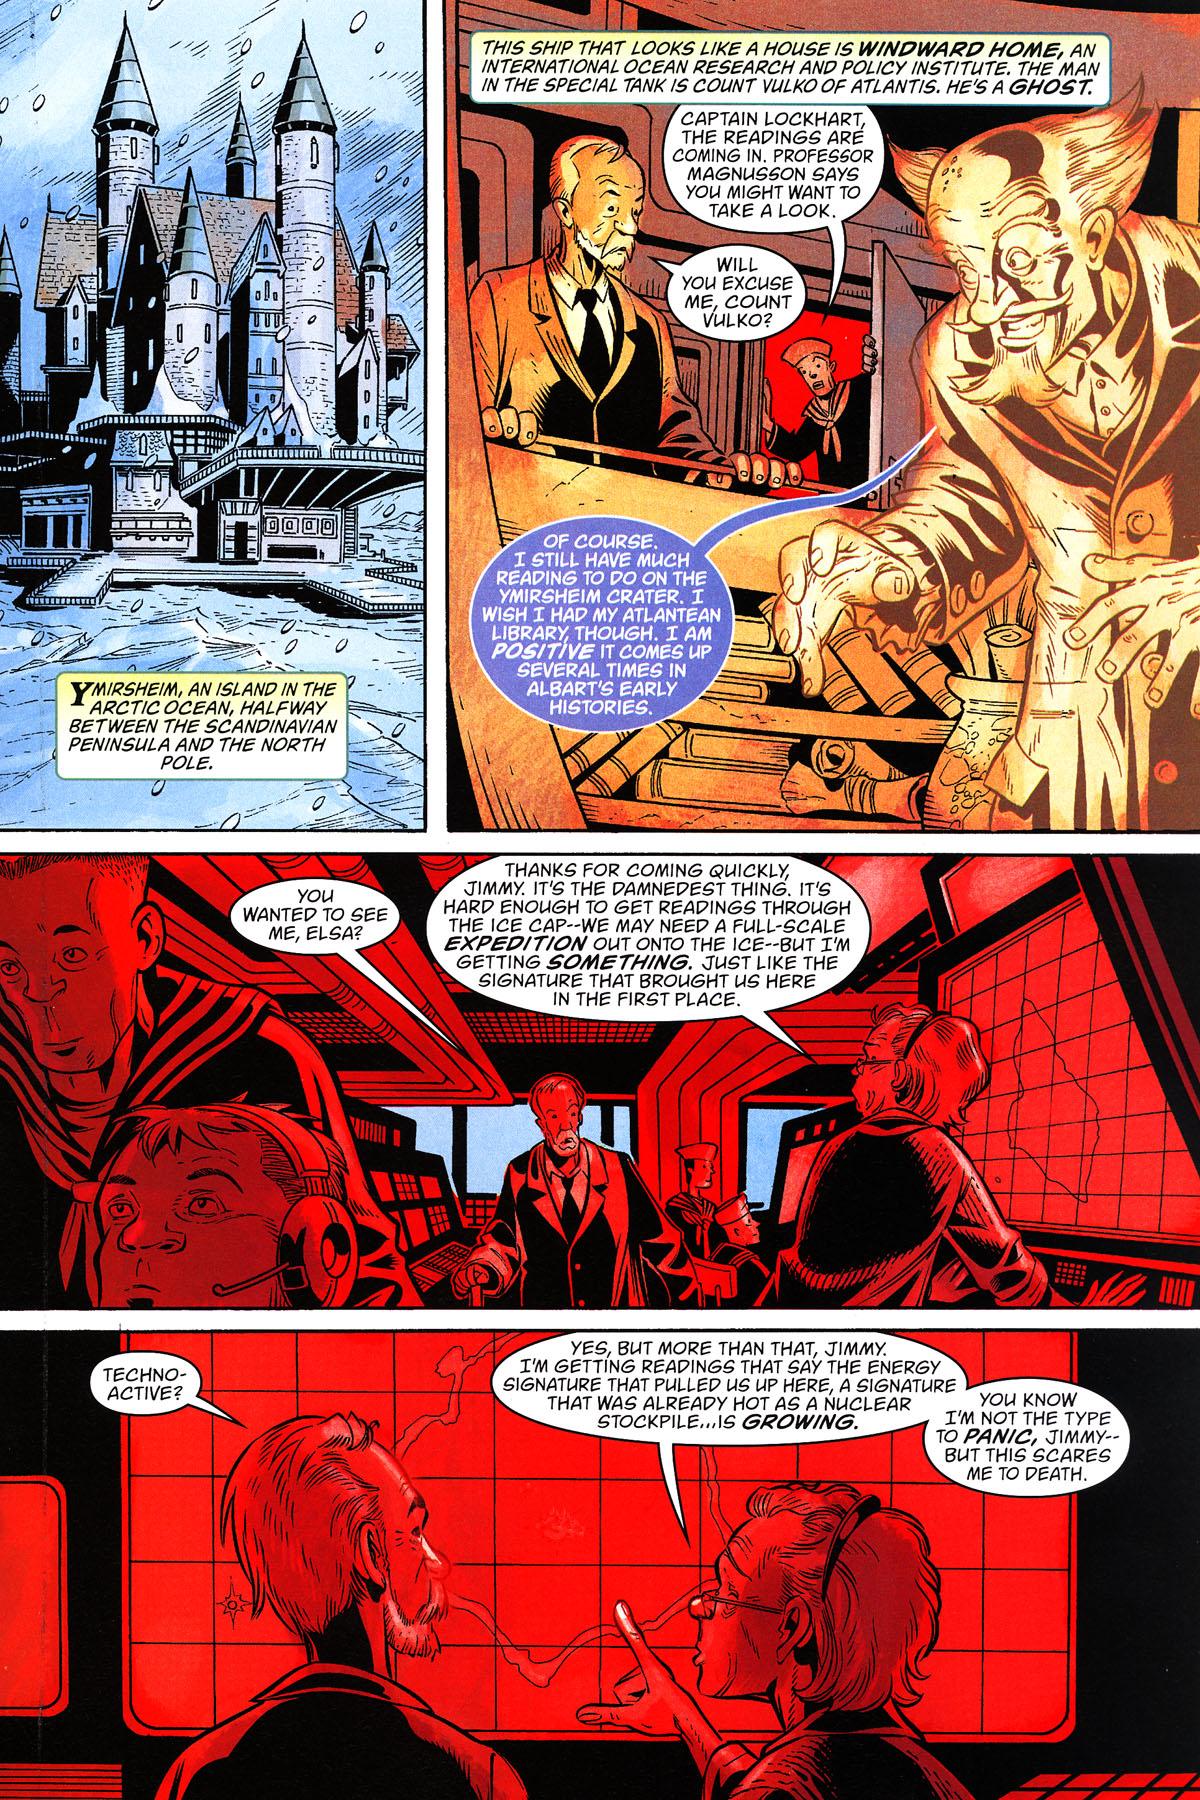 Read online Aquaman: Sword of Atlantis comic -  Issue #50 - 19